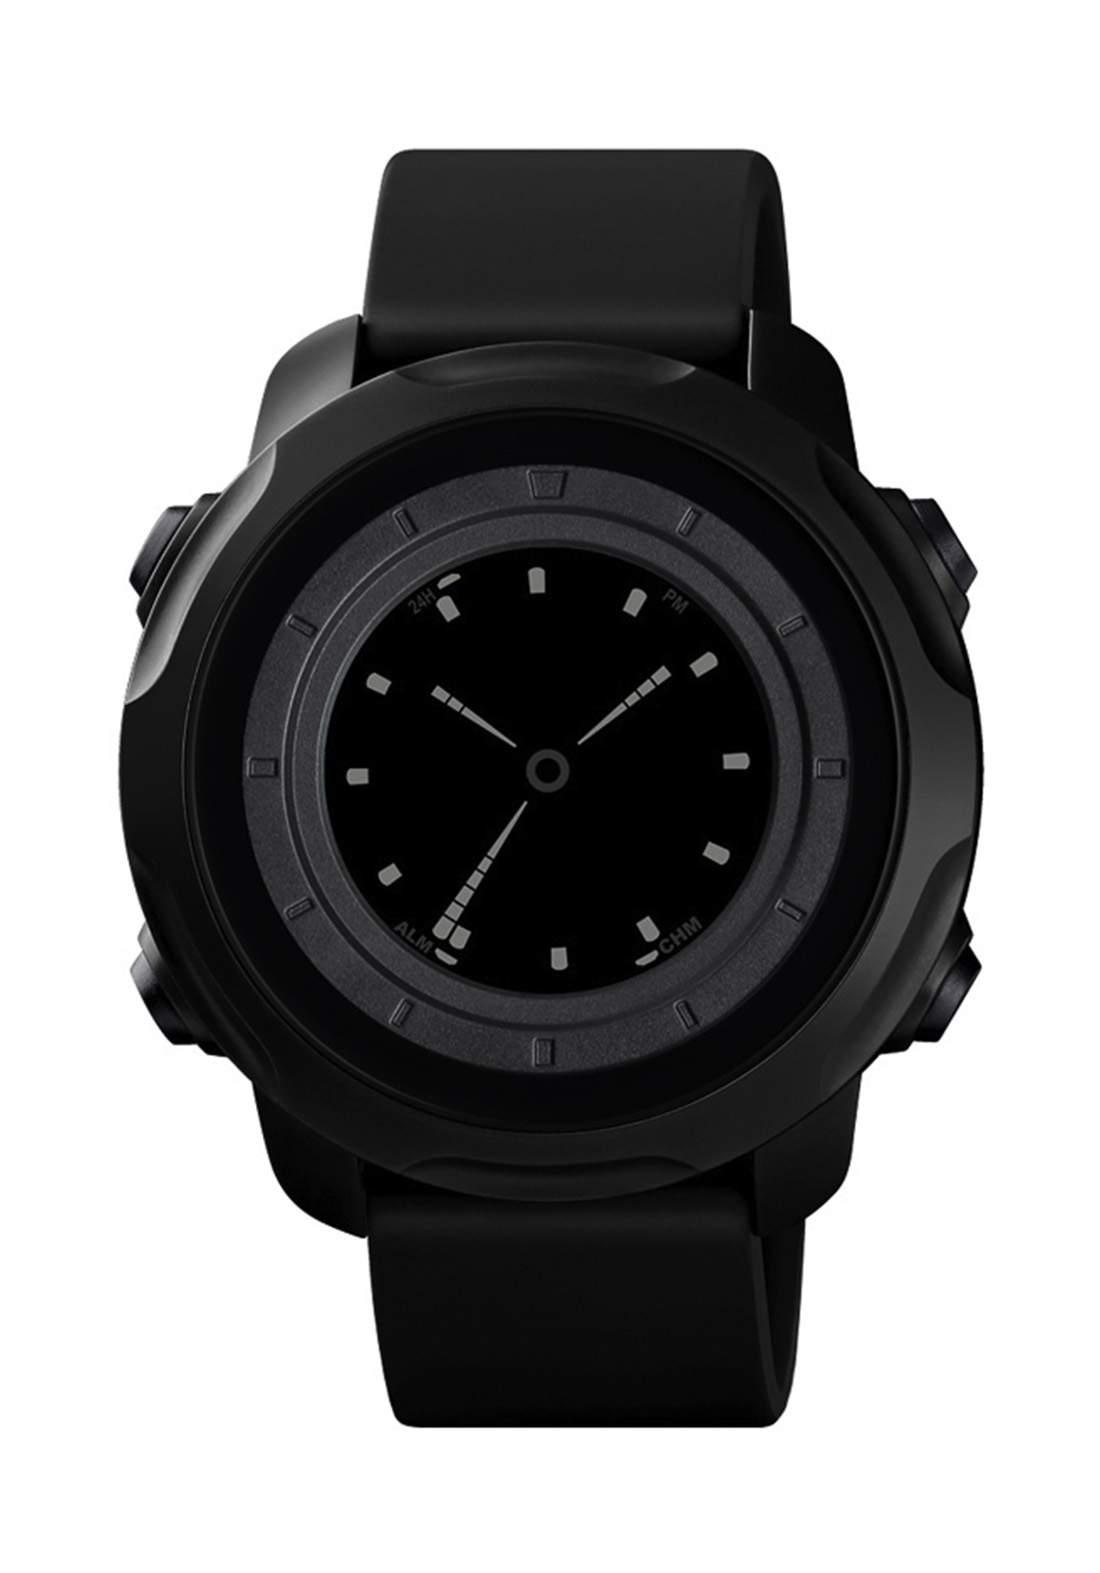 ساعة يد رجالية   سوداء اللونSKMEI 1571 رقمية